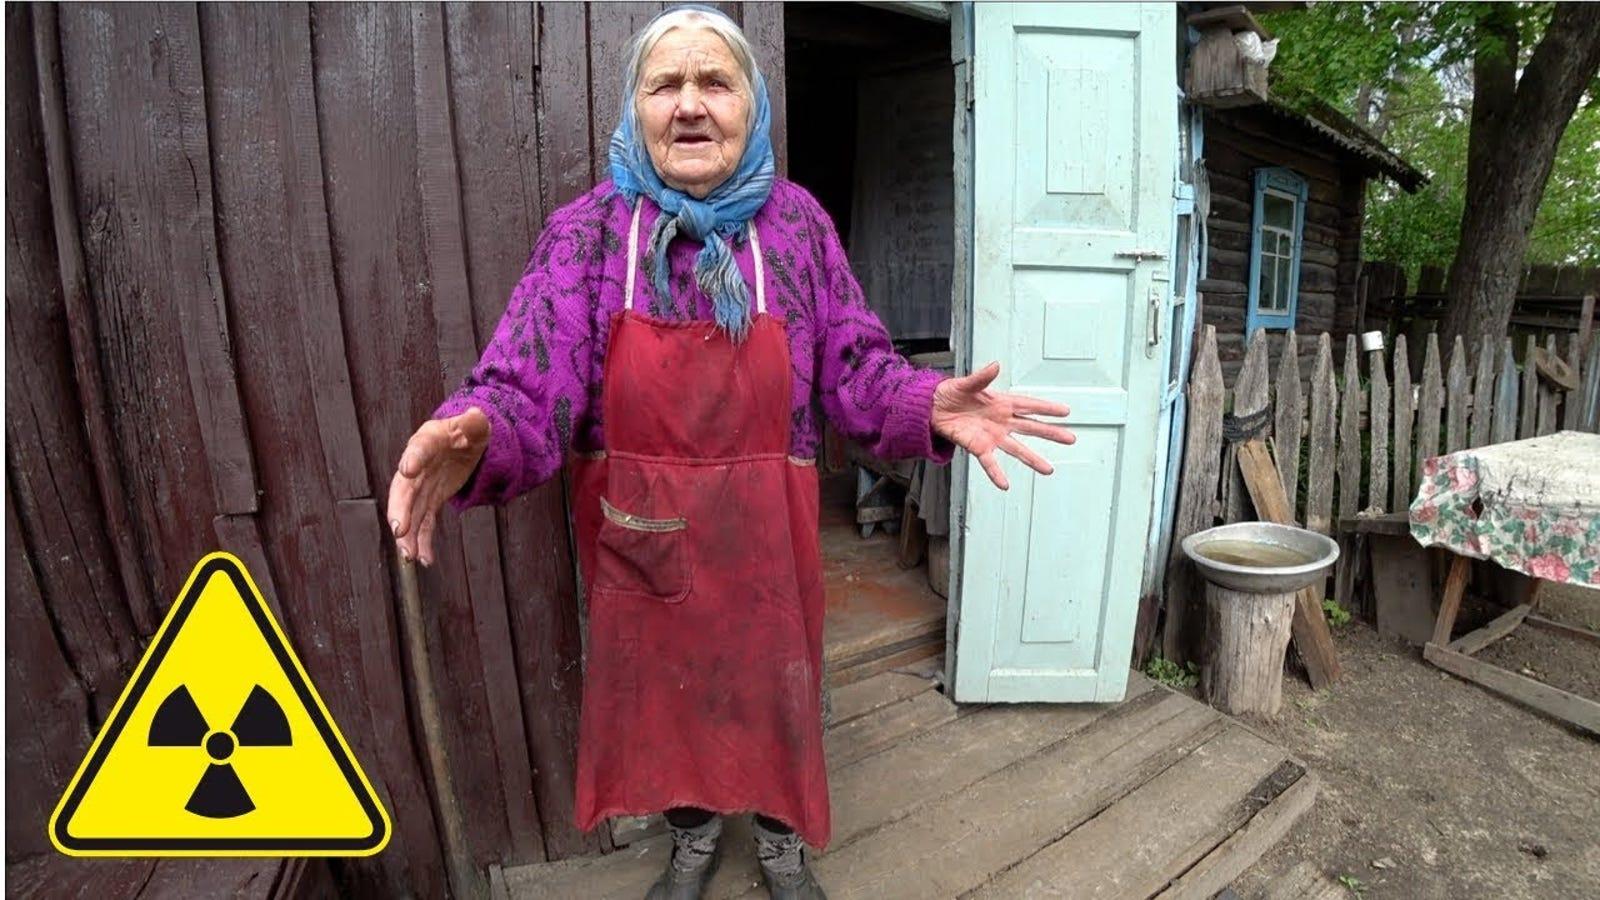 Regresa a la zona prohibida de Chernóbil para llevarle la compra a la anciana que se encontró viviendo allí